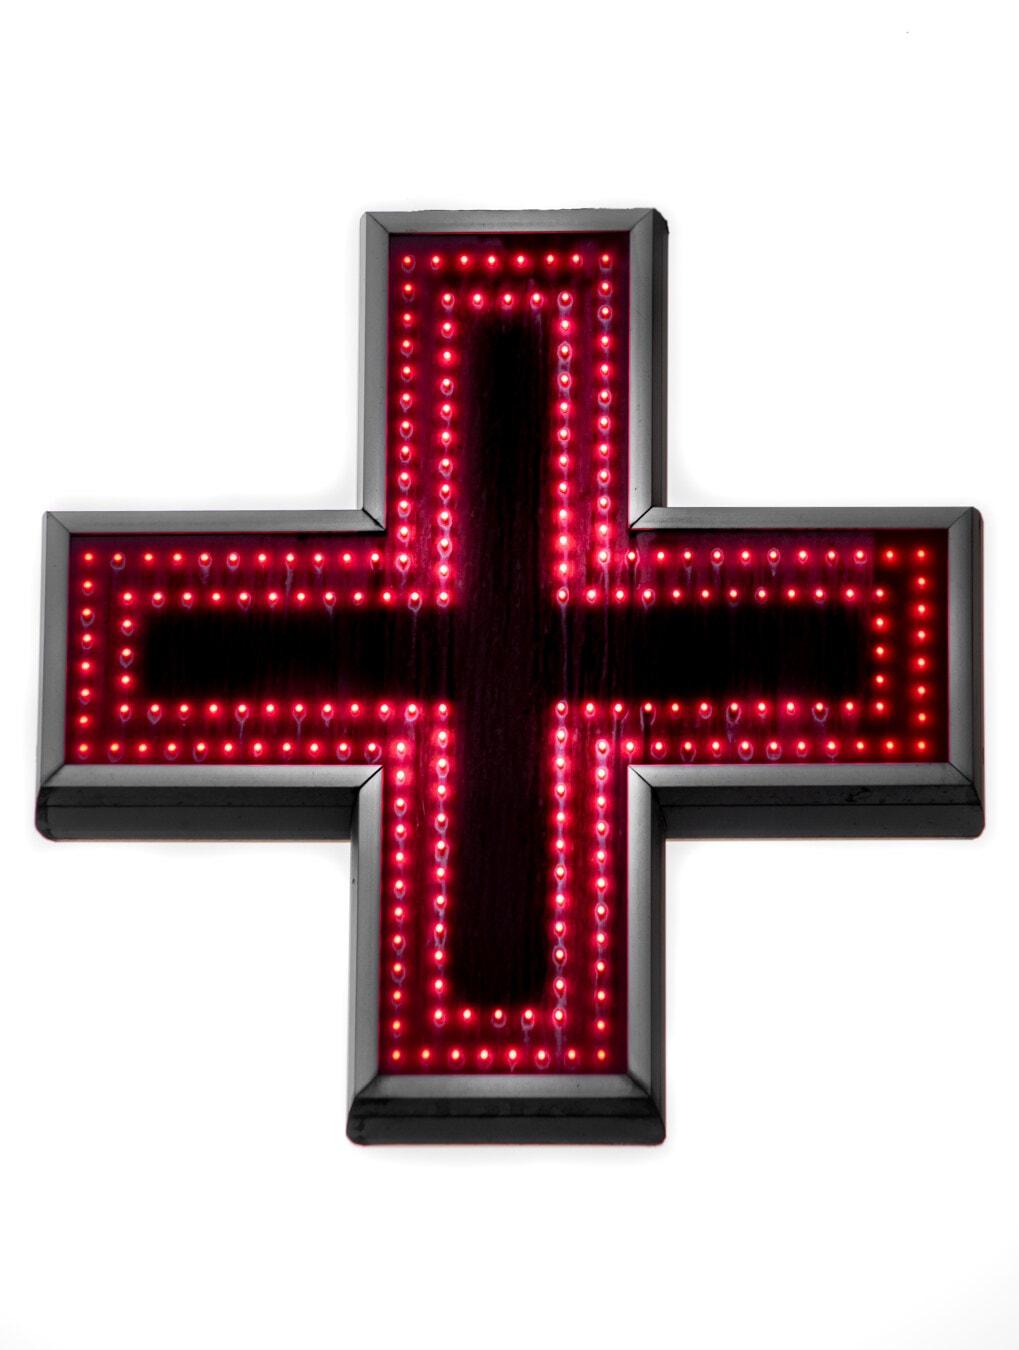 signe, Croix, rouge, Néon, pharmacie, symbole, illumination, Lumen, luminescence, lumière